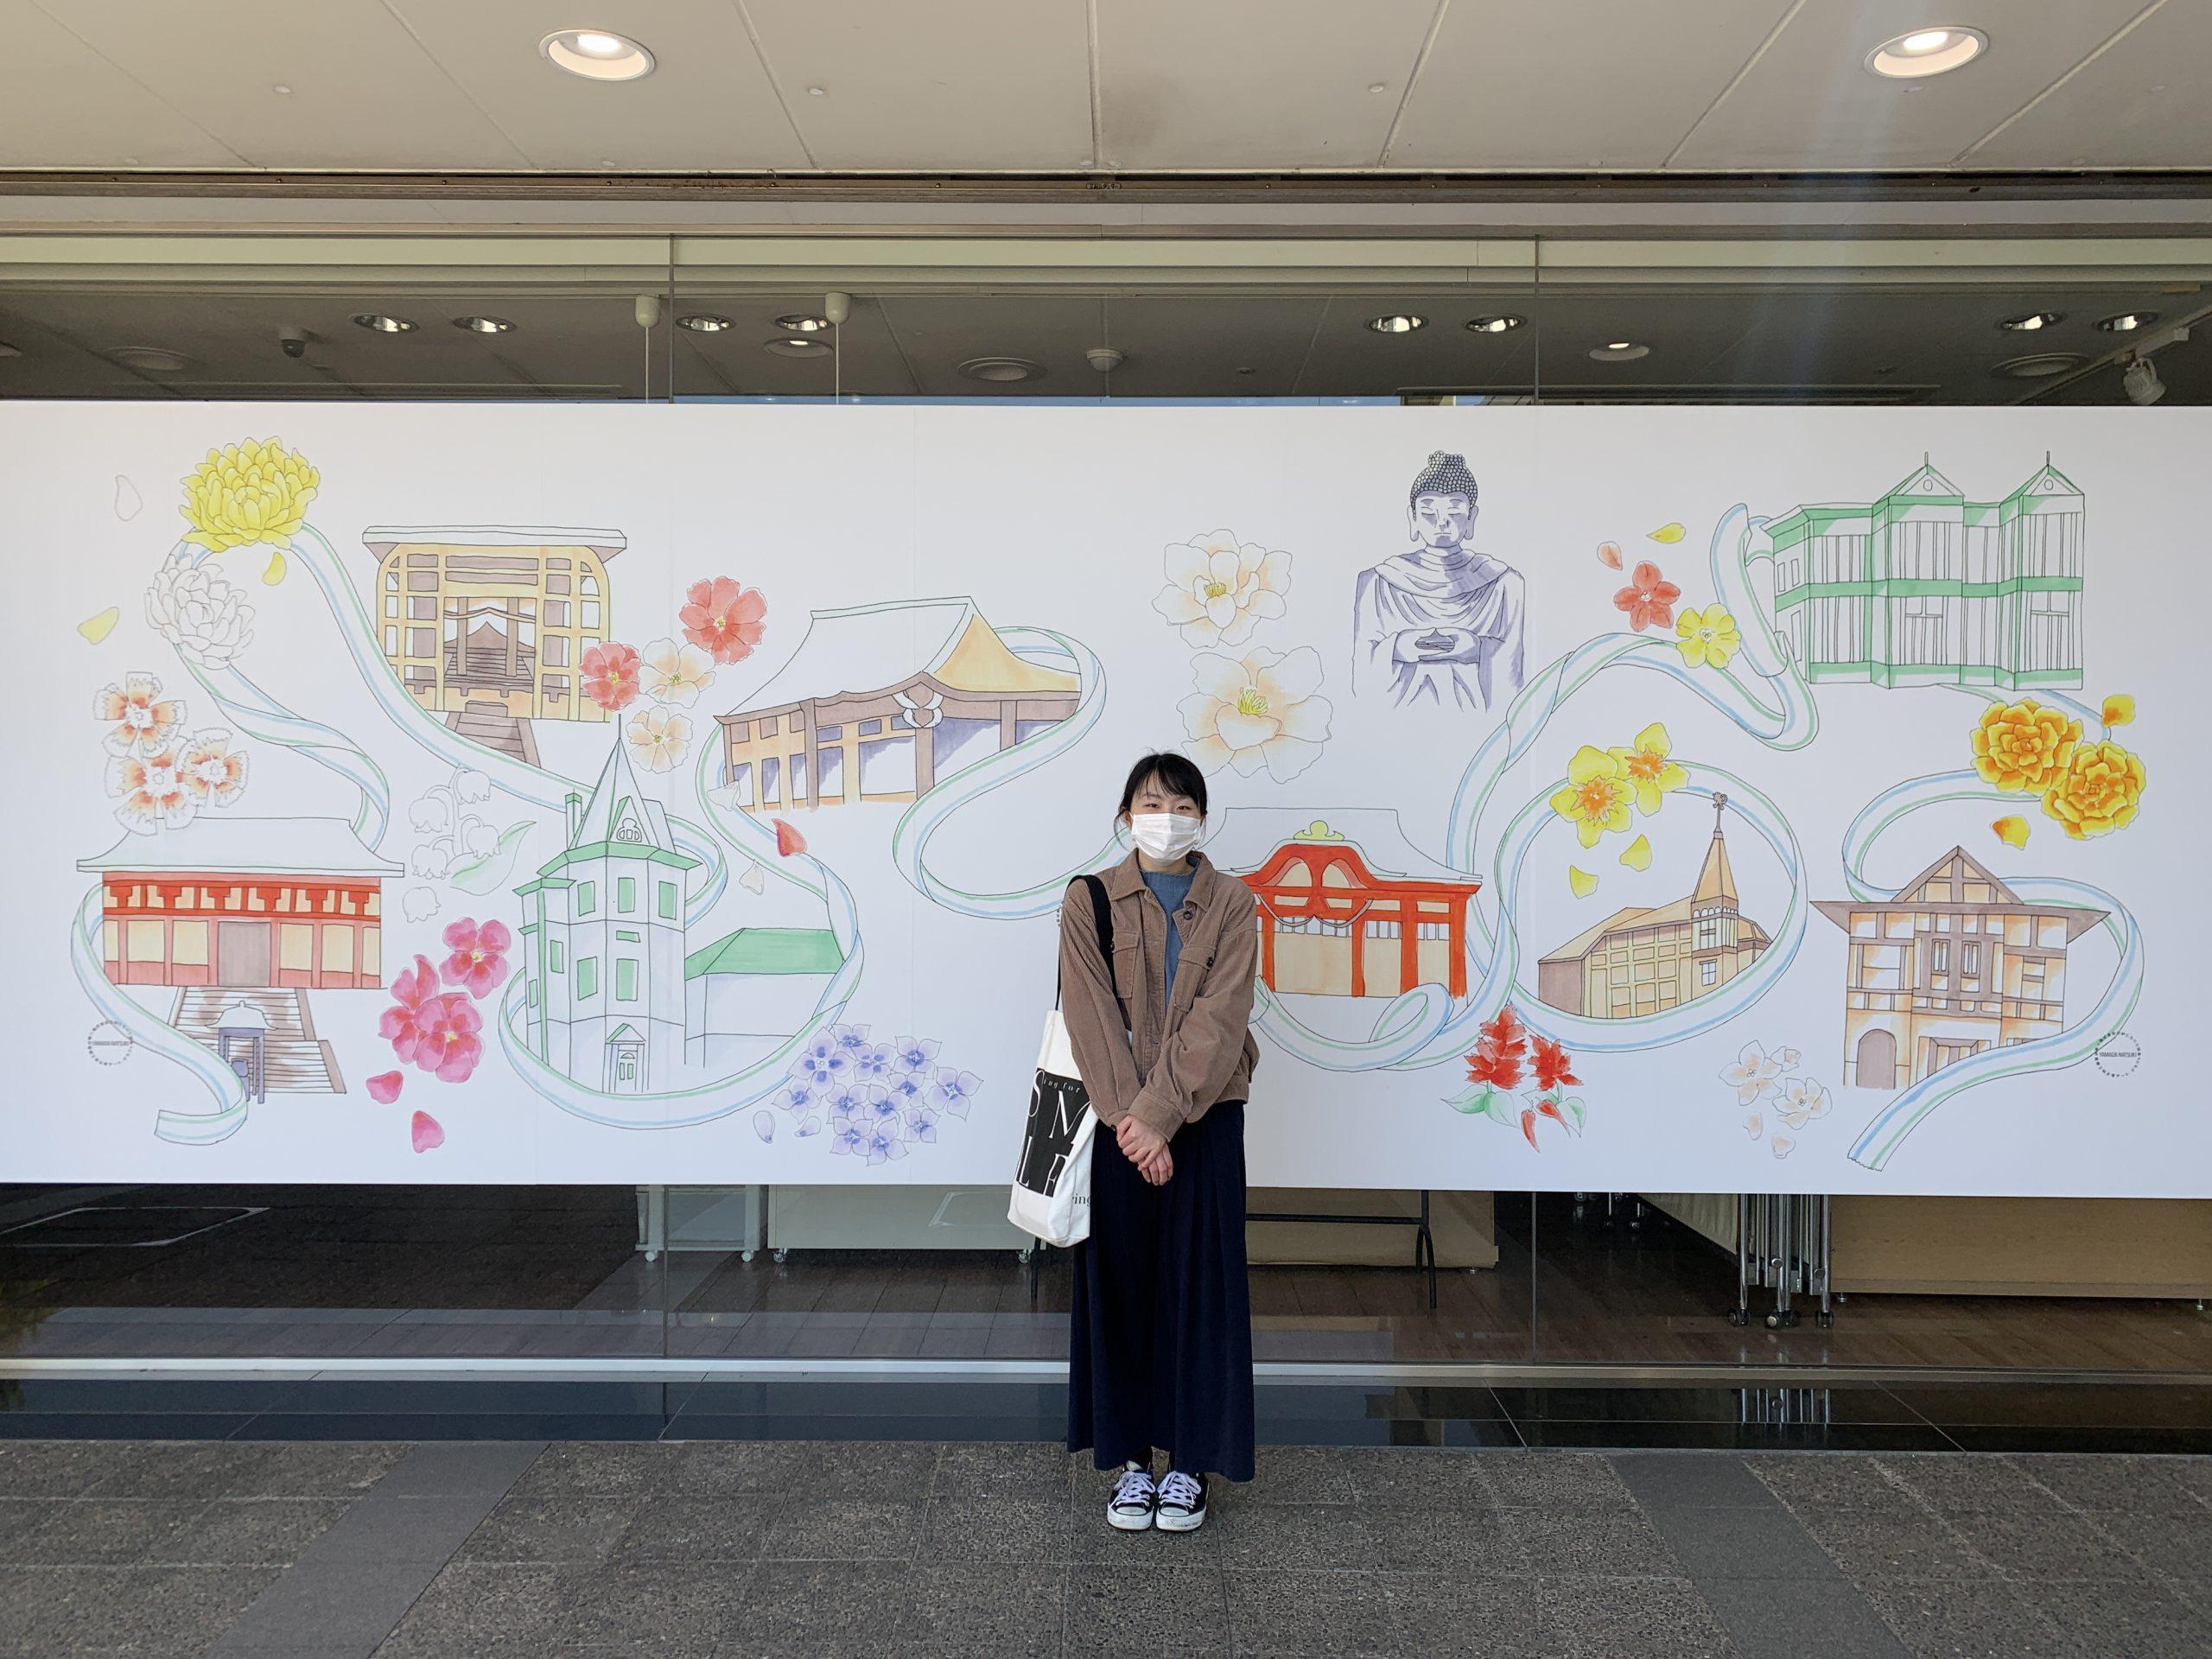 株式会社OMこうべ×神戸芸術工科大学『パネルアート・プロジェクト』